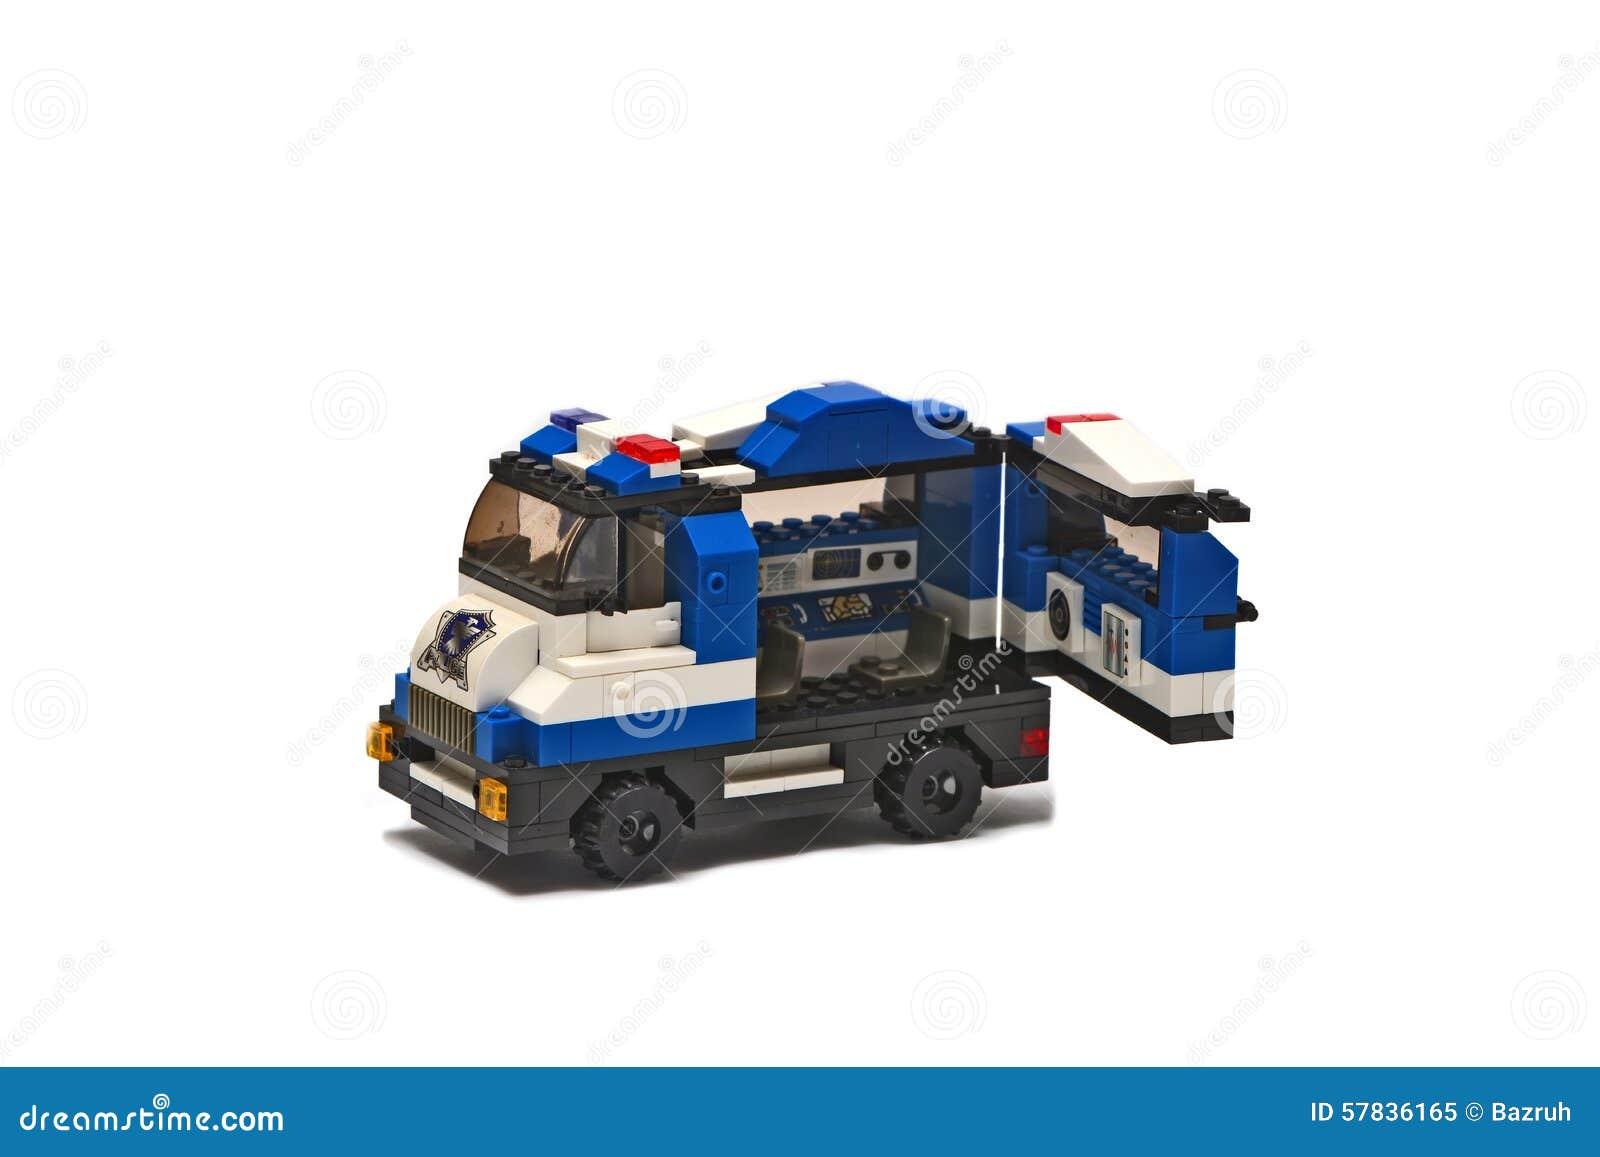 lego un jouet pour enfants voiture de police image stock image du detail fond 57836165. Black Bedroom Furniture Sets. Home Design Ideas